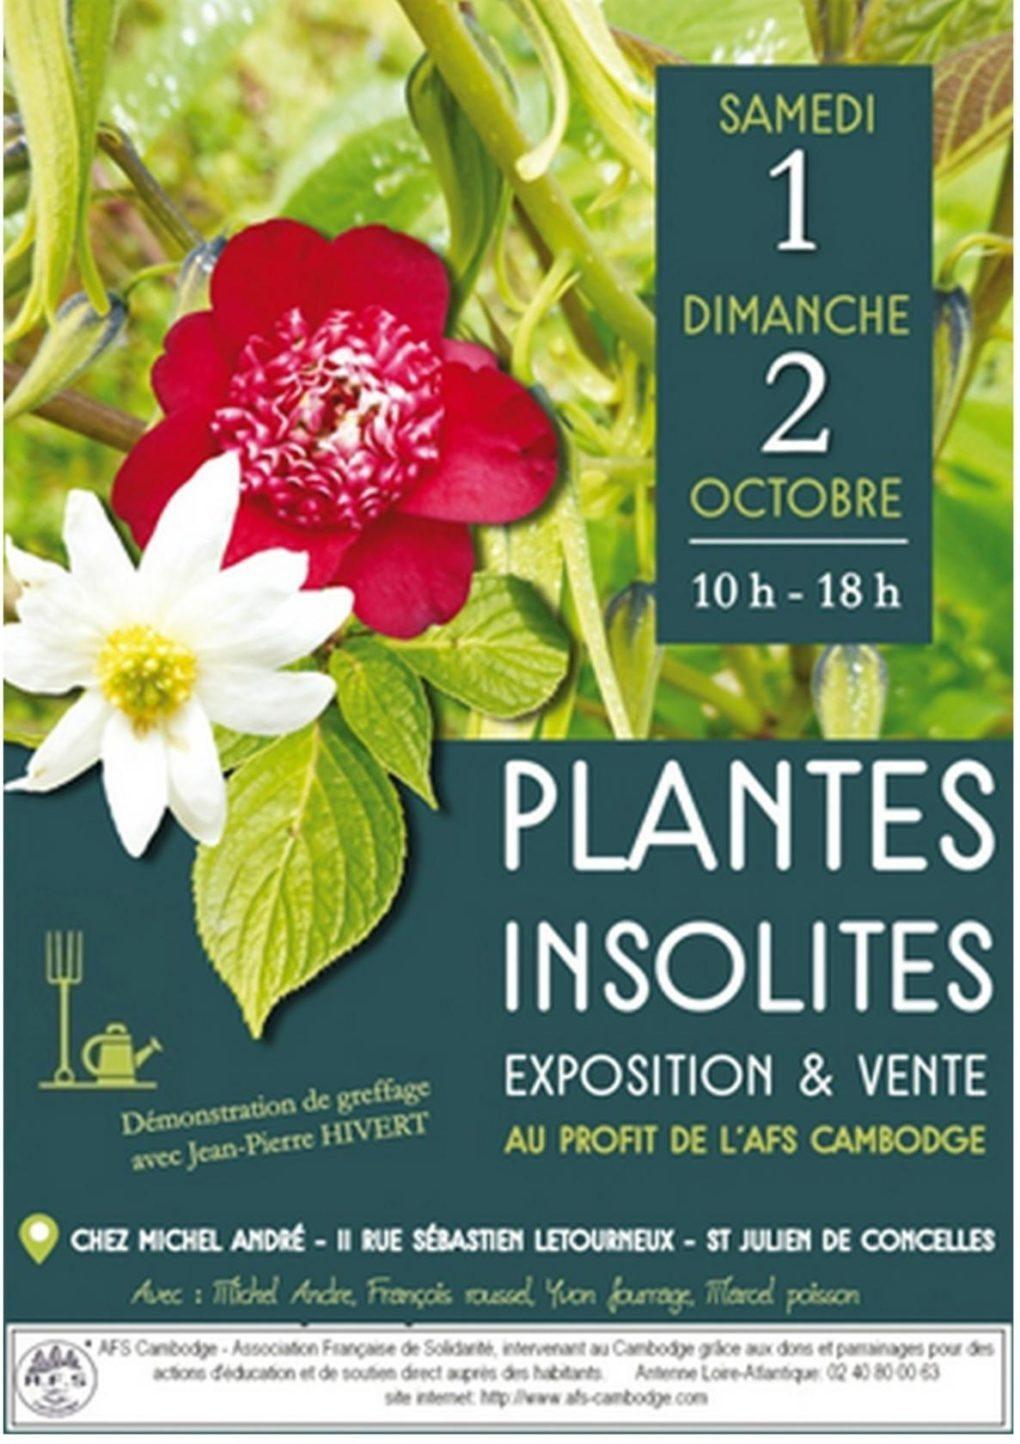 Exposition-vente de plantes insolites Saint-Julien-de-Concelles